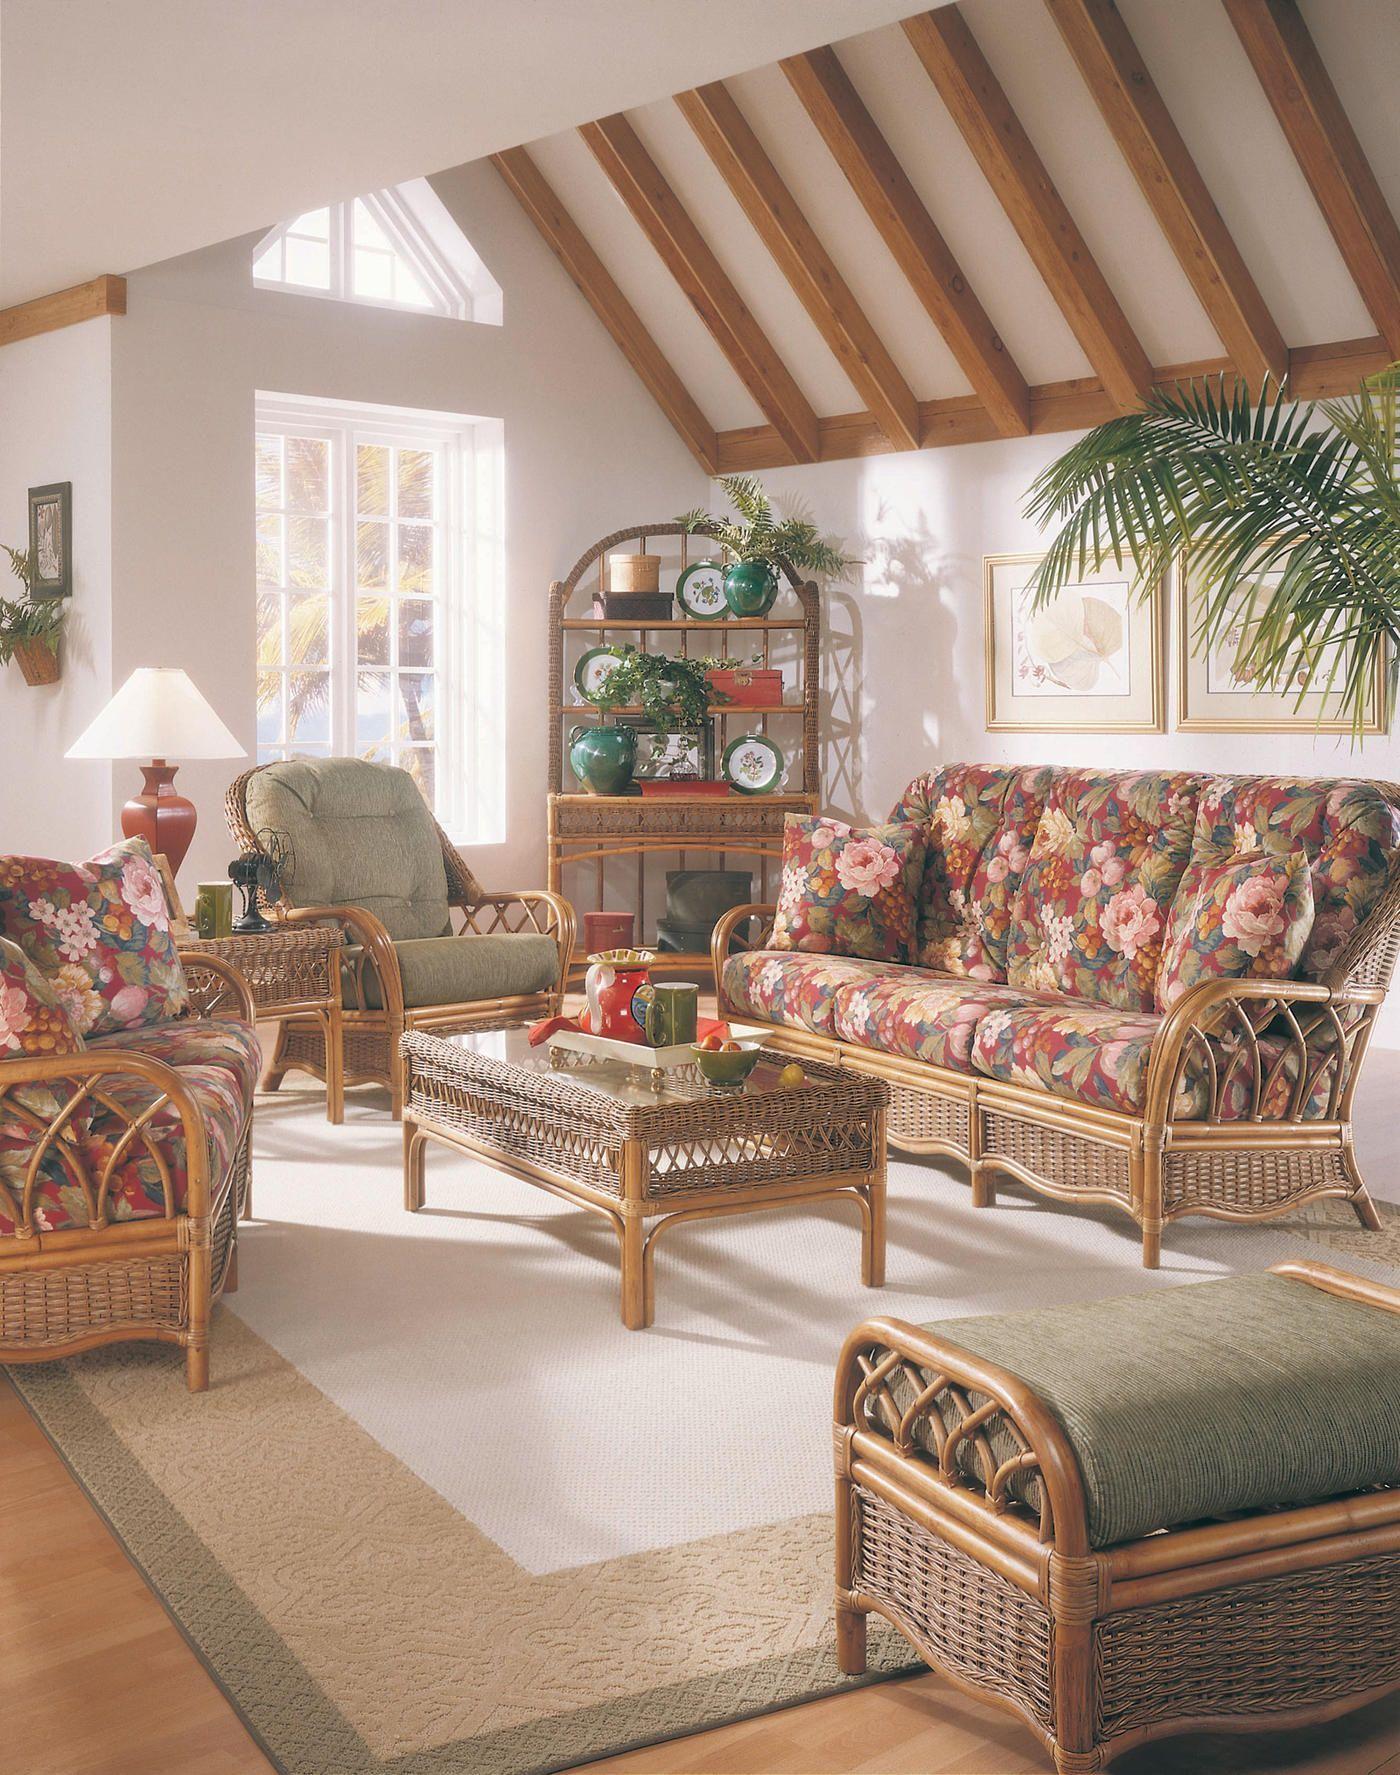 Innenarchitektur von schlafzimmermöbeln  creative and inexpensive cool ideas wicker box basket liners